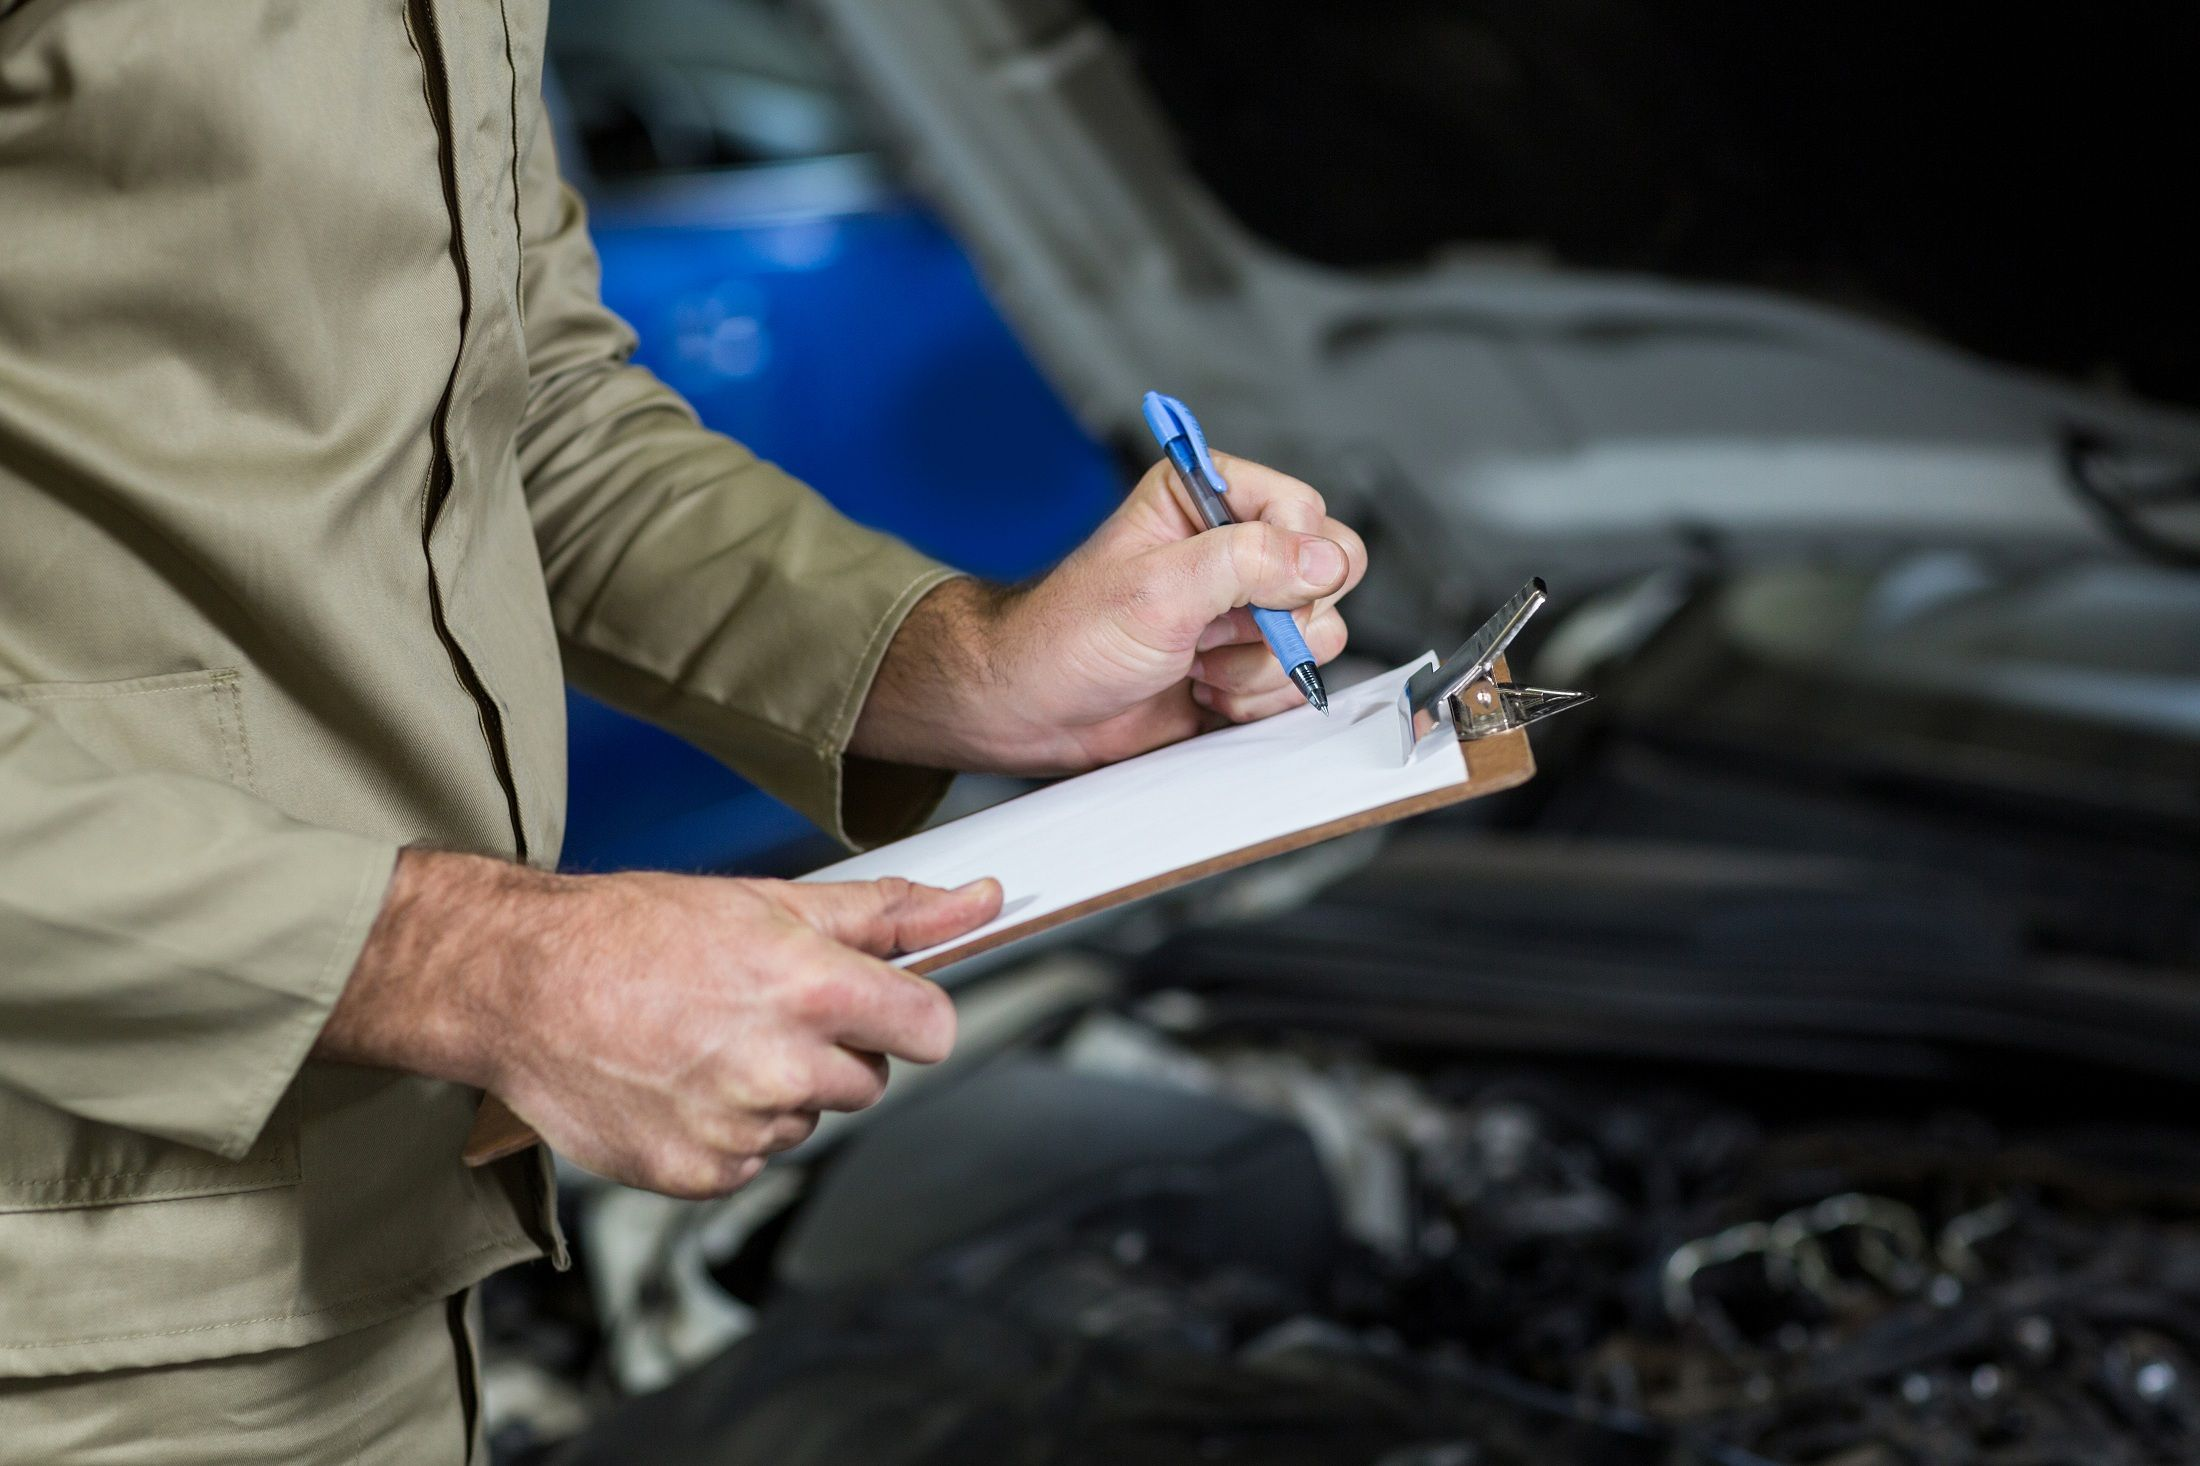 Mantenimiento de tu vehículo: cuándo revisar y cambiar los líquidos.